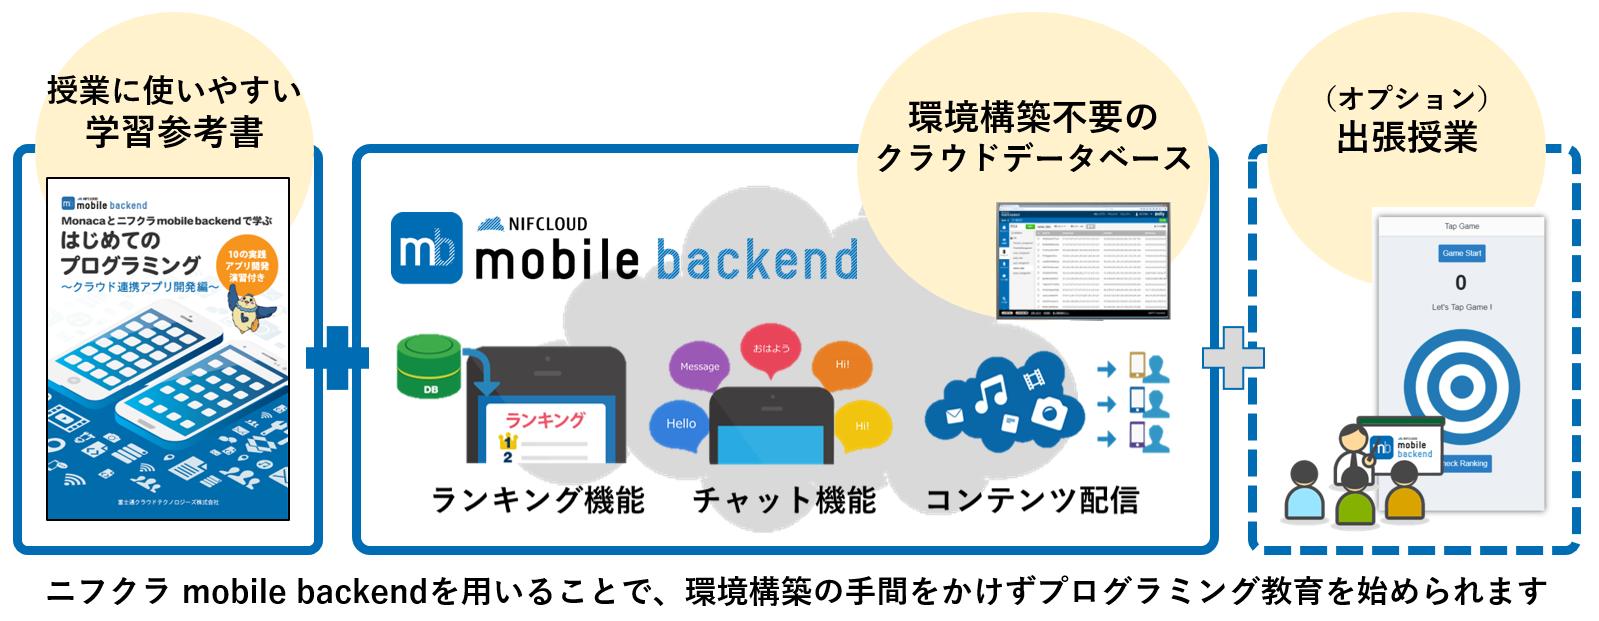 ニフクラ mobile backendを用いたプログラミング教育(注4)